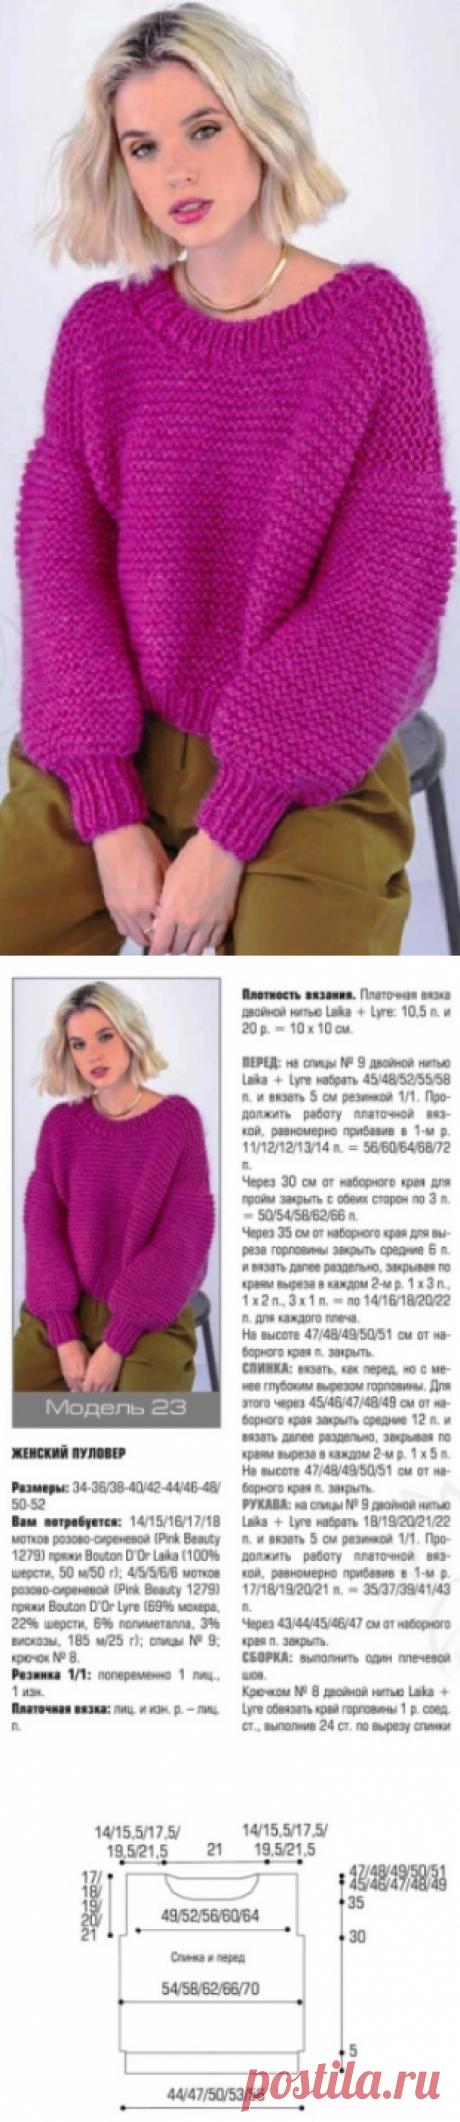 Пуловер цвета фуксии спицами